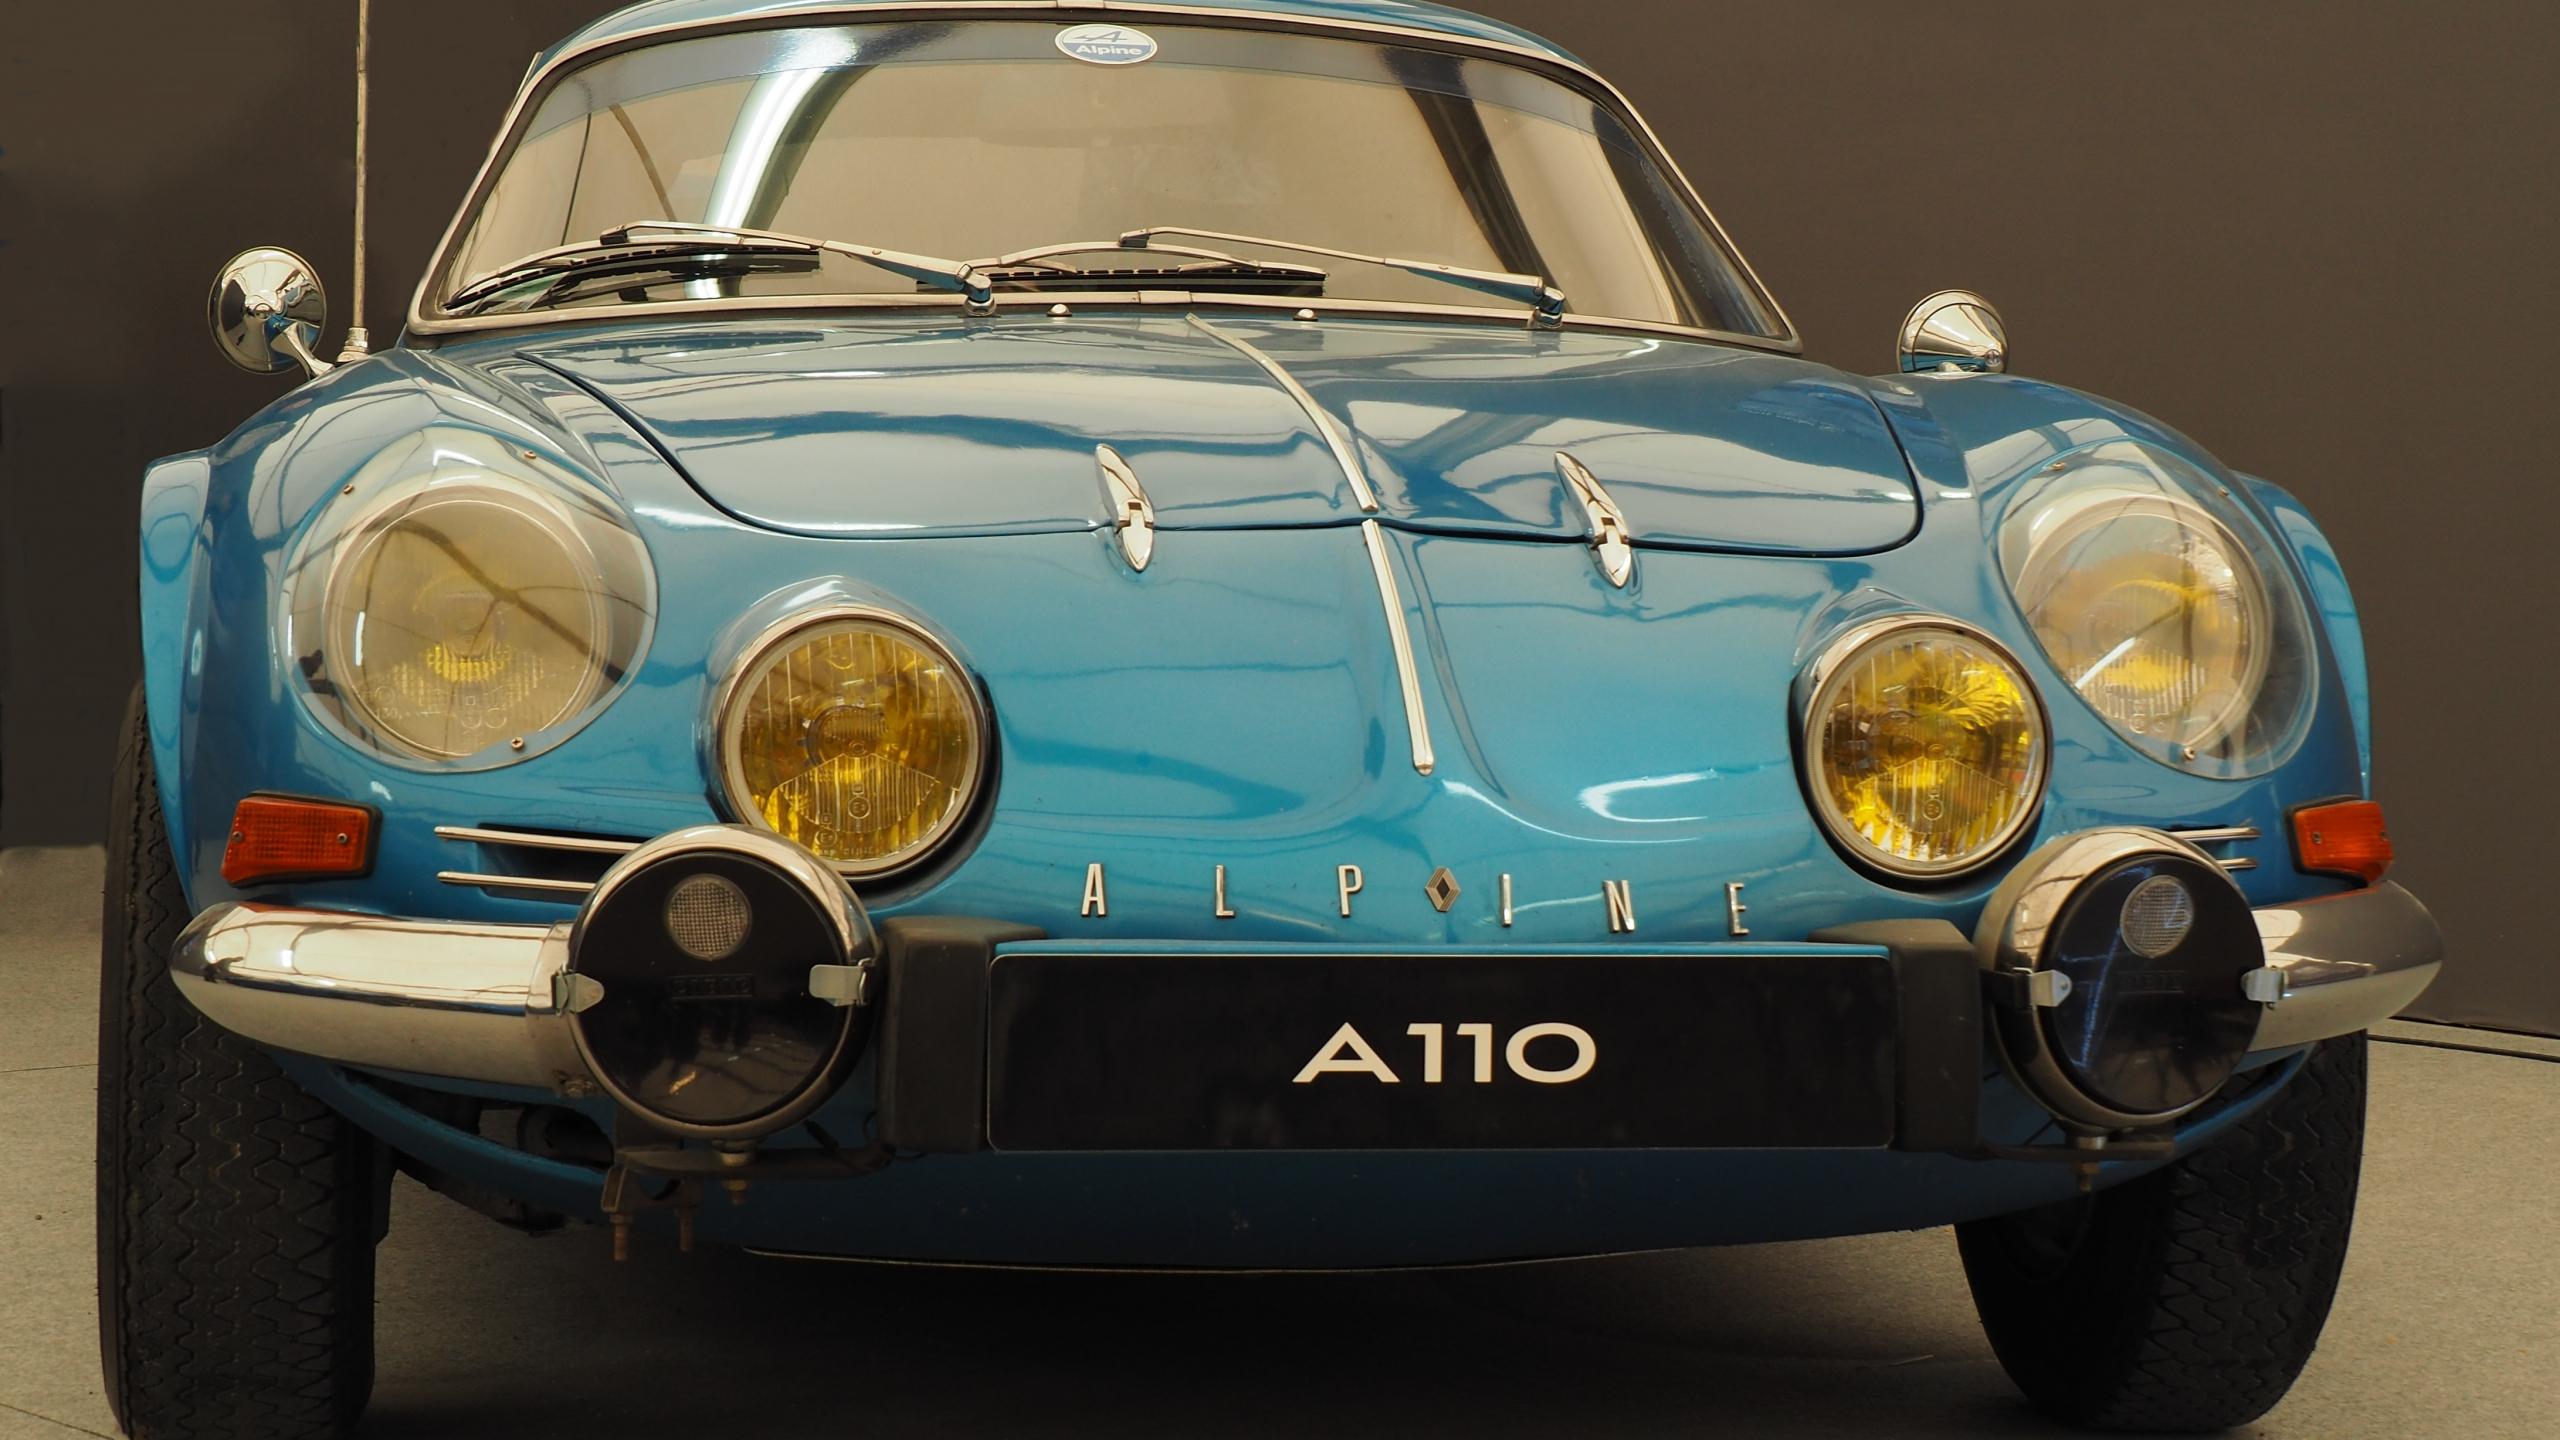 Download 2560x1440 Wallpaper Alpine A110, Classic Car